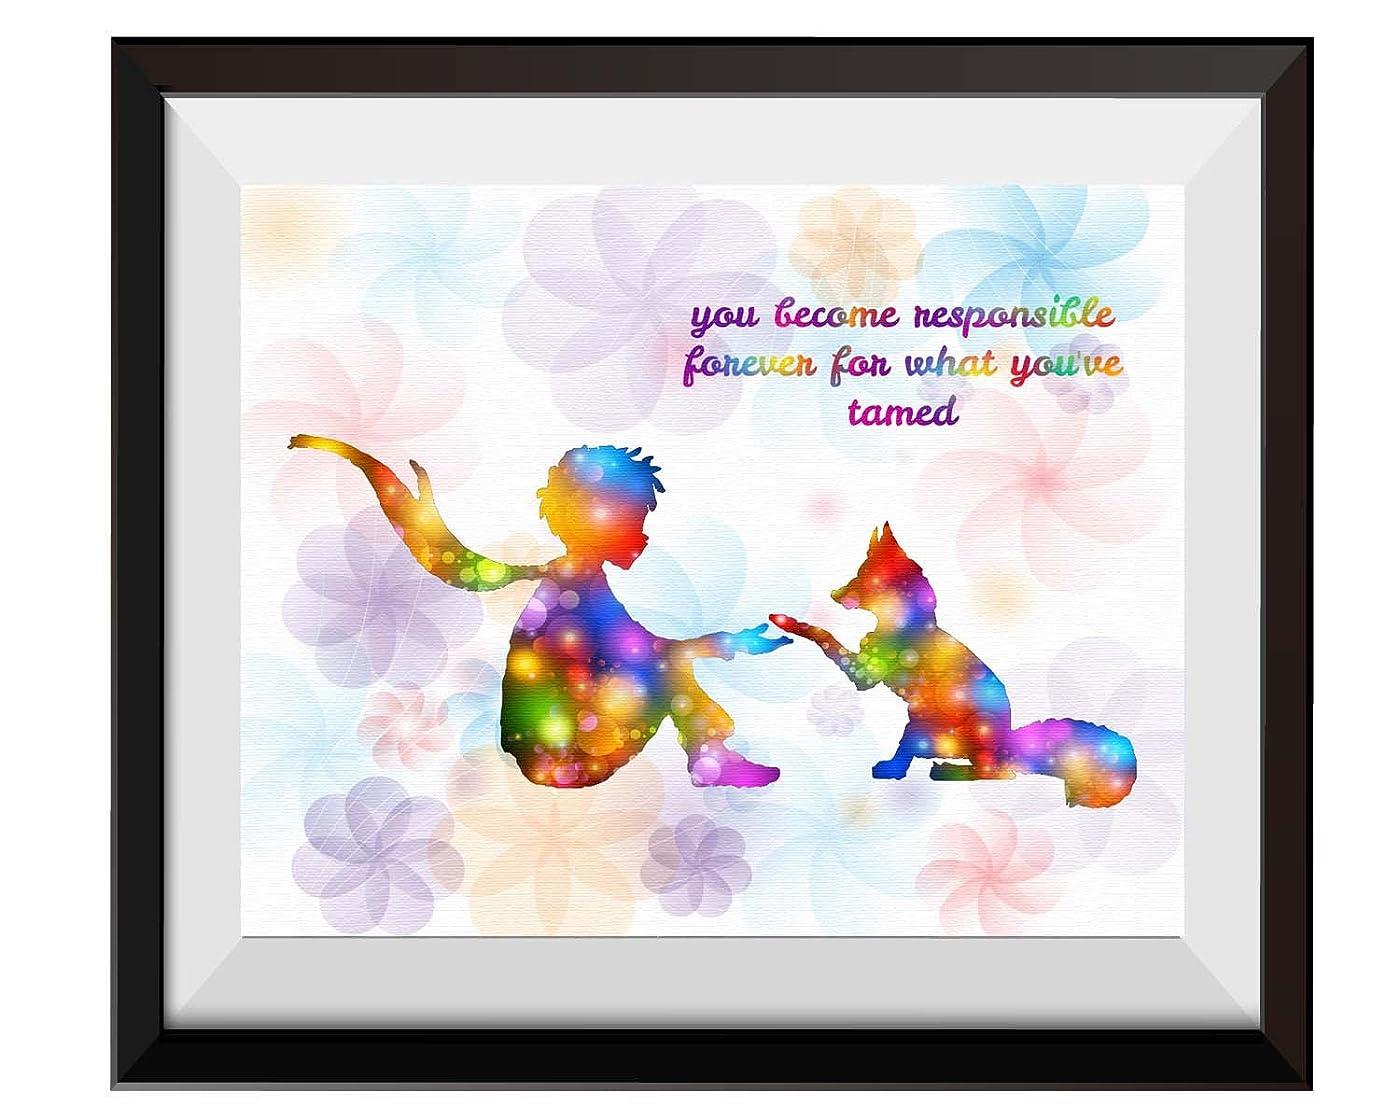 強盗鎮痛剤人生を作るuhomate The Little Prince Fox Le Petit Prince Little Princeホームキャンバス印刷ウォールアート記念ギフトベビーギフトインスピレーション引用符壁装飾リビングルームベッドルームバスルームアートワークc087 8X10 inch